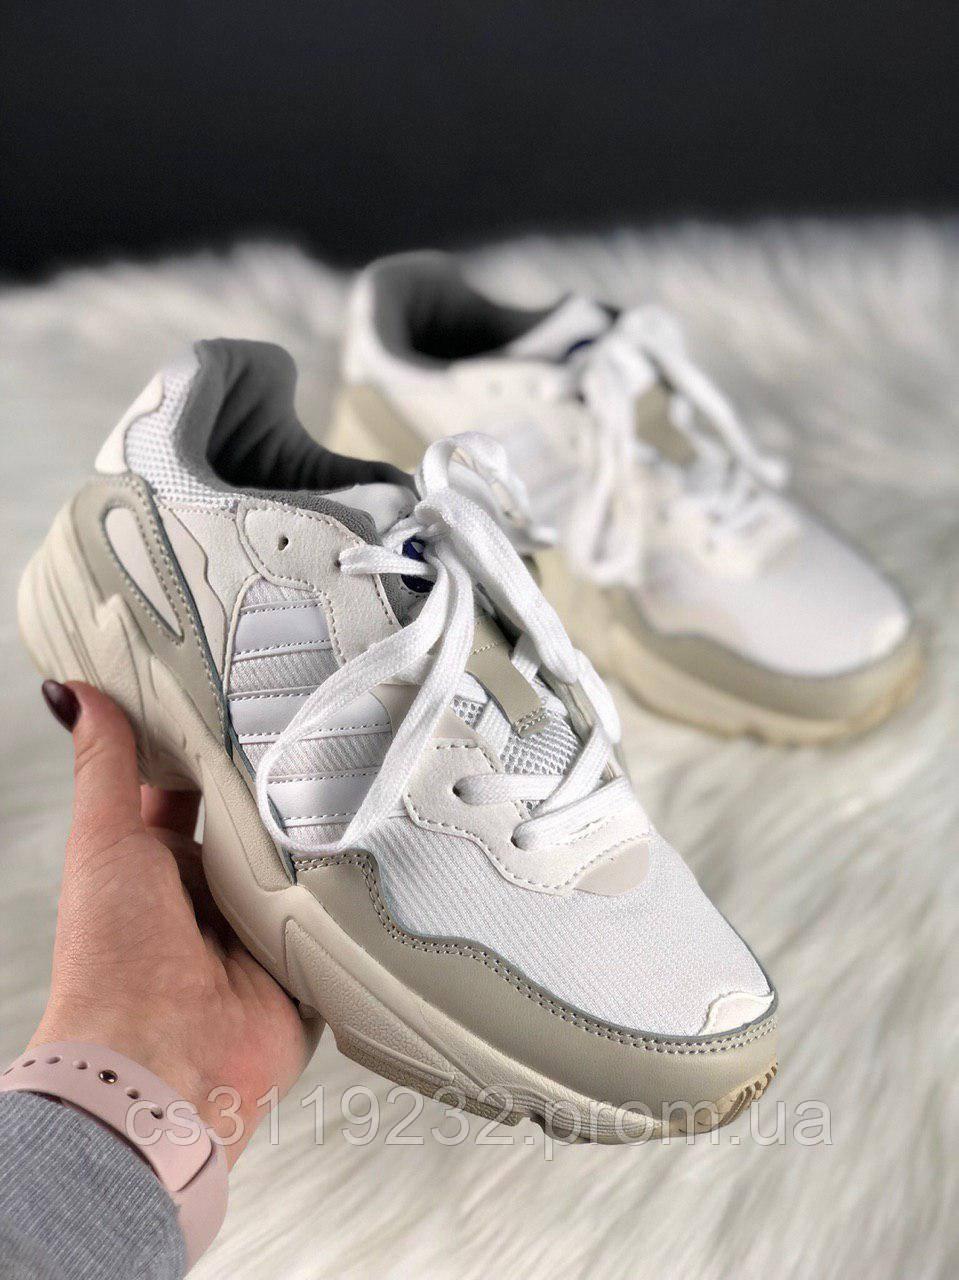 Жіночі кросівки Adidas Yung 96 White (білі)